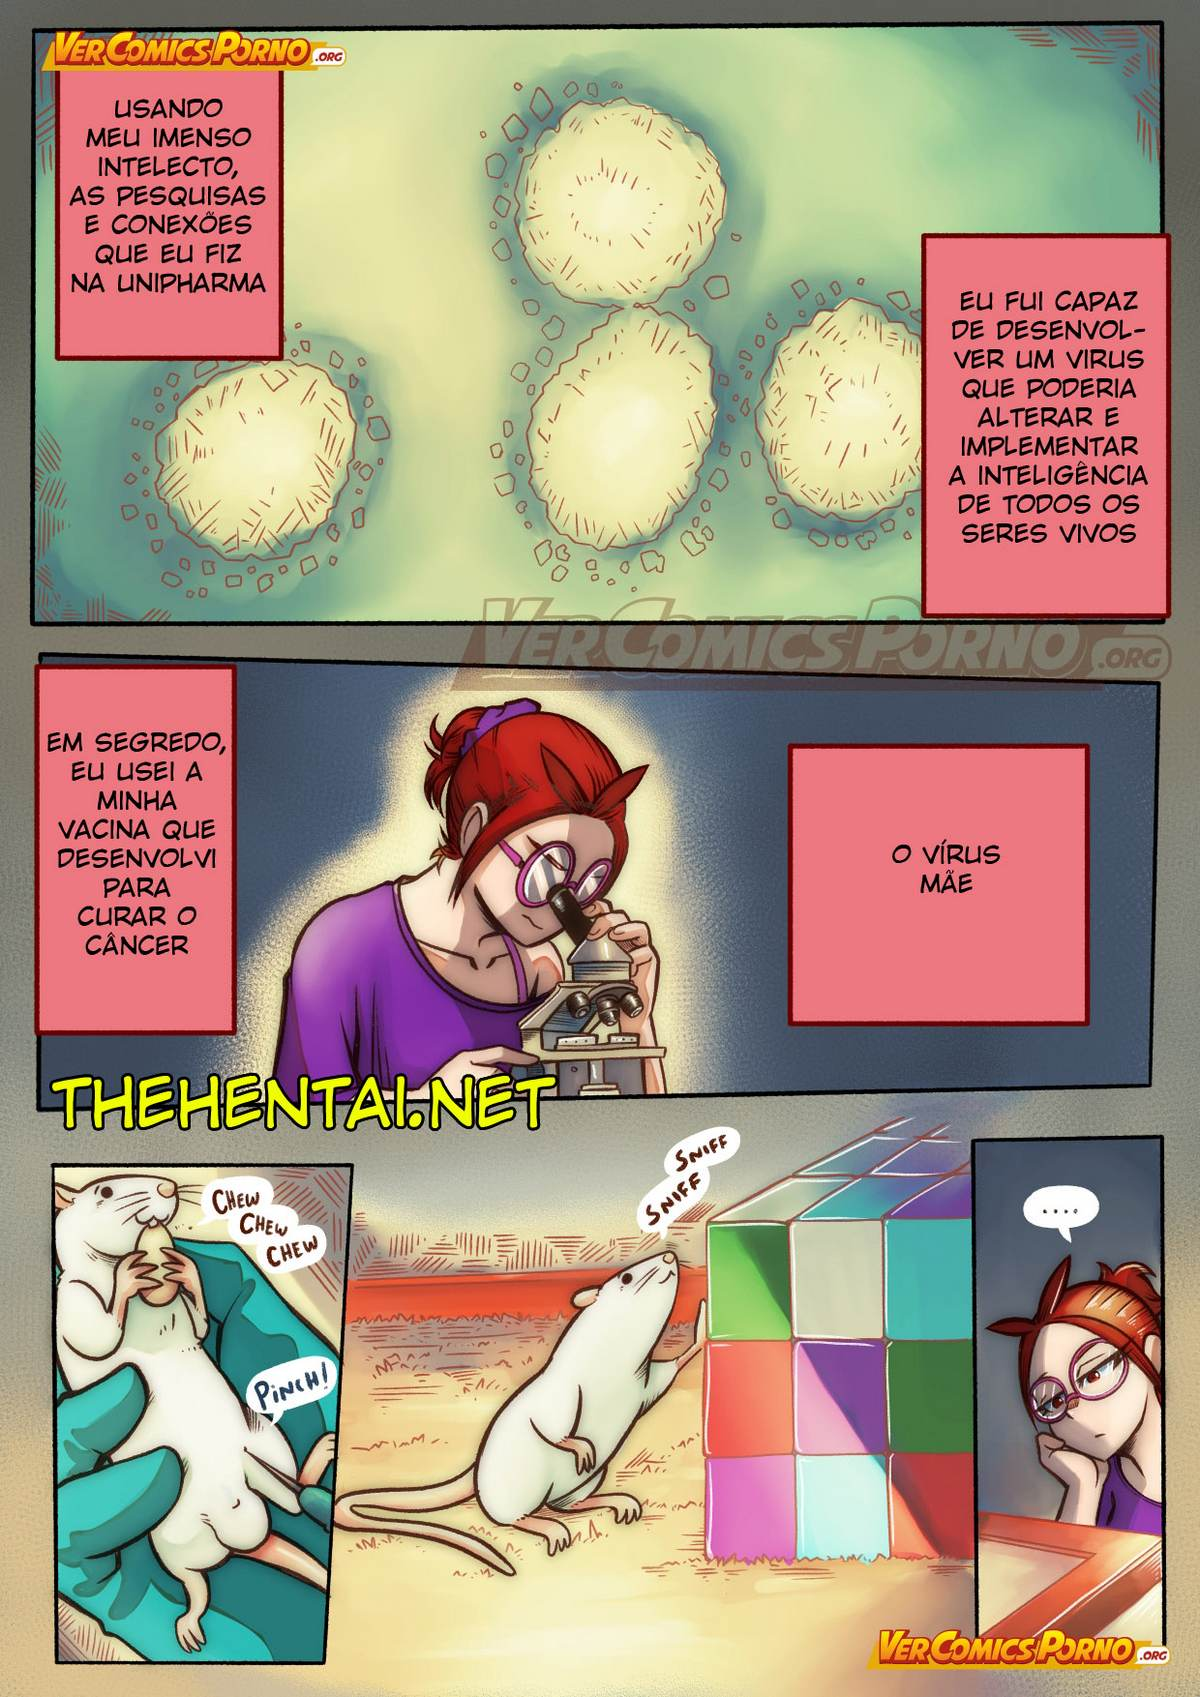 Cherry Road part 4 Hentai pt br 13 - hentai, exclusiva, comics-hq